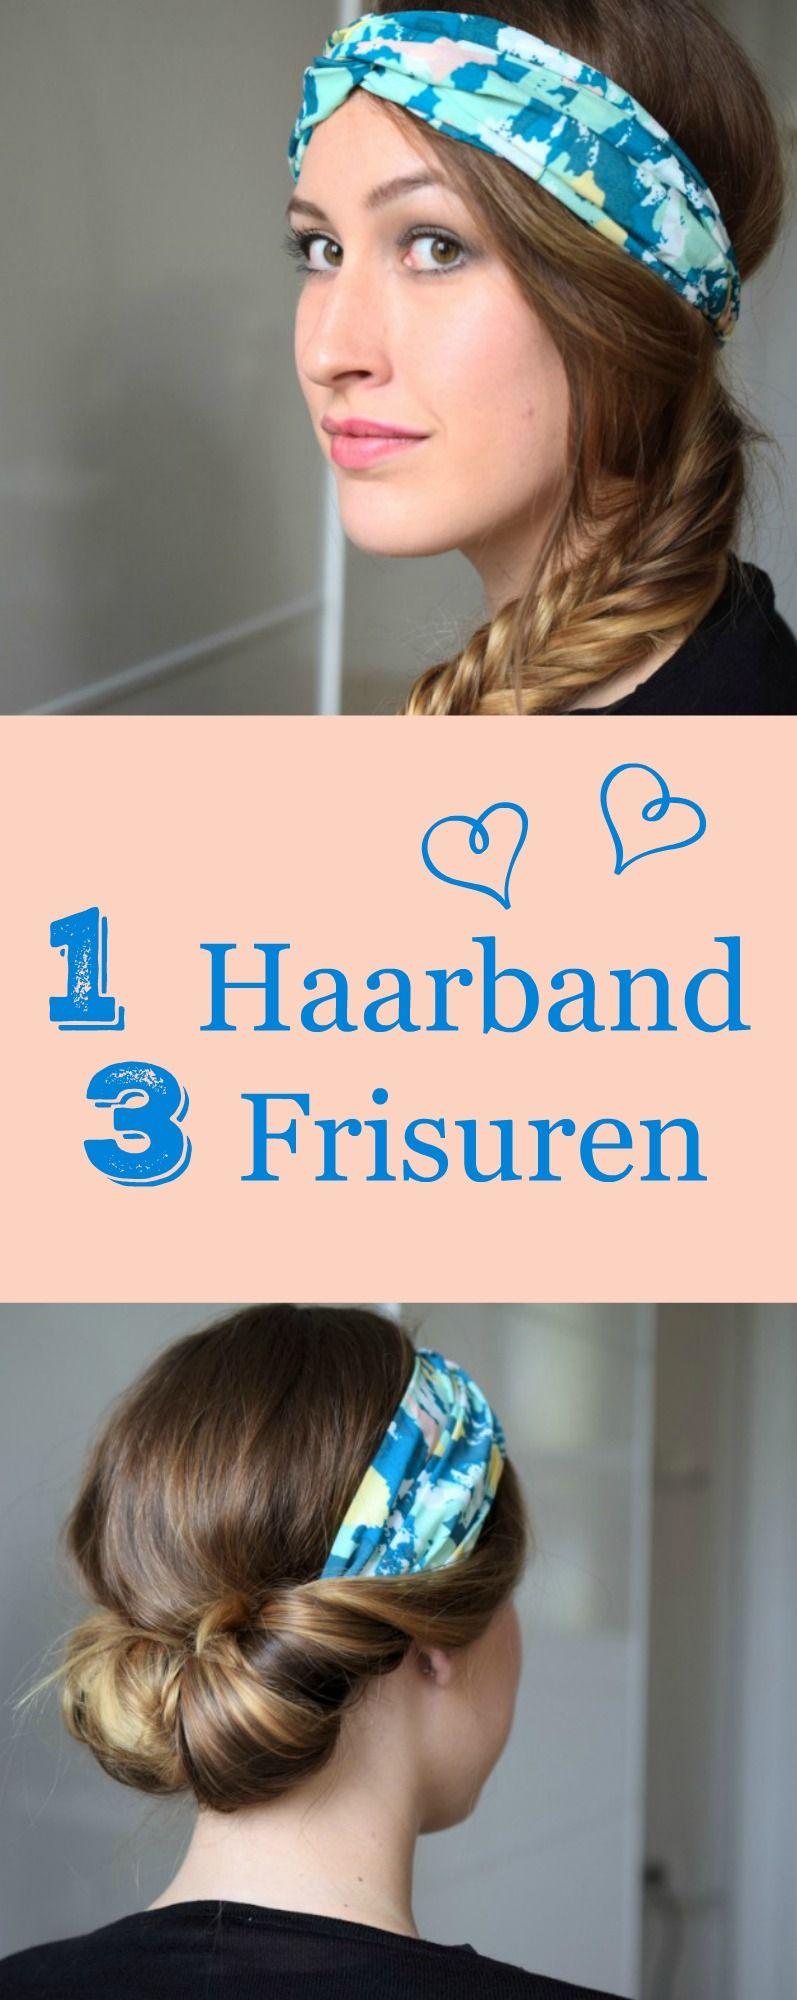 1 haarband 3 frisuren wundersch ne frisuren und hairstyles pinterest fischgr tenzopf. Black Bedroom Furniture Sets. Home Design Ideas